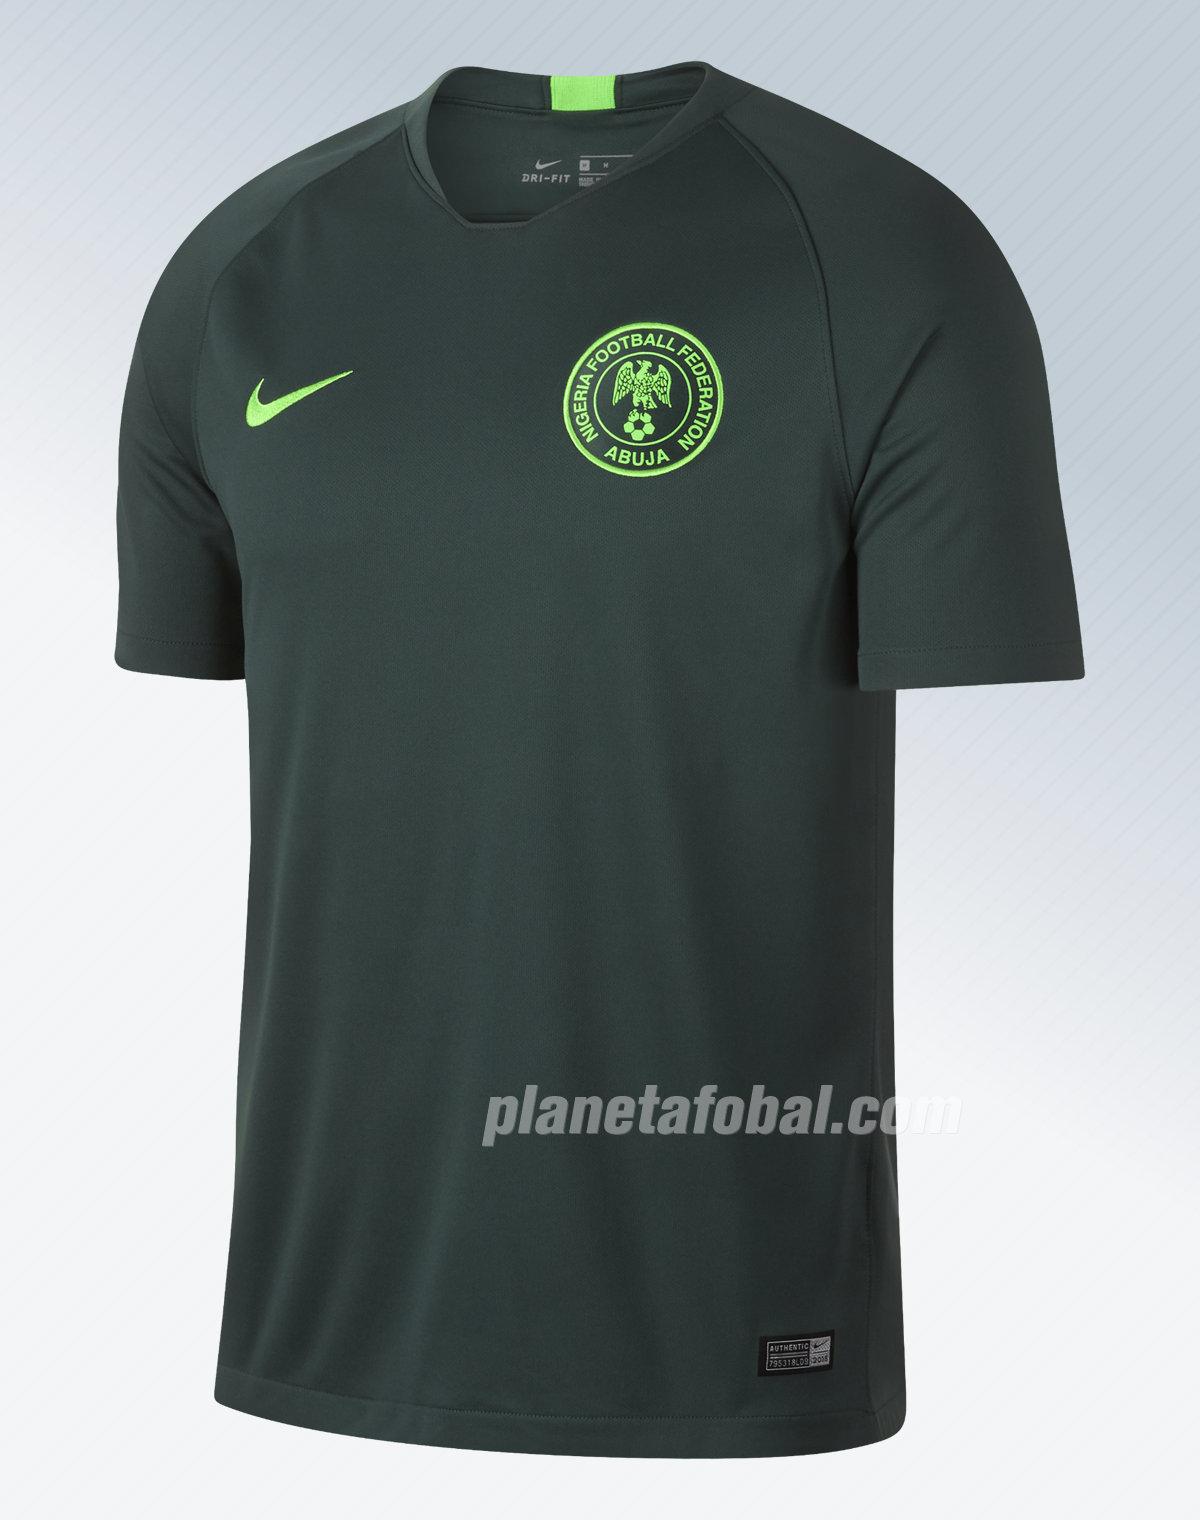 7f2eb46665 Camiseta titular de Nigeria Mundial 2018